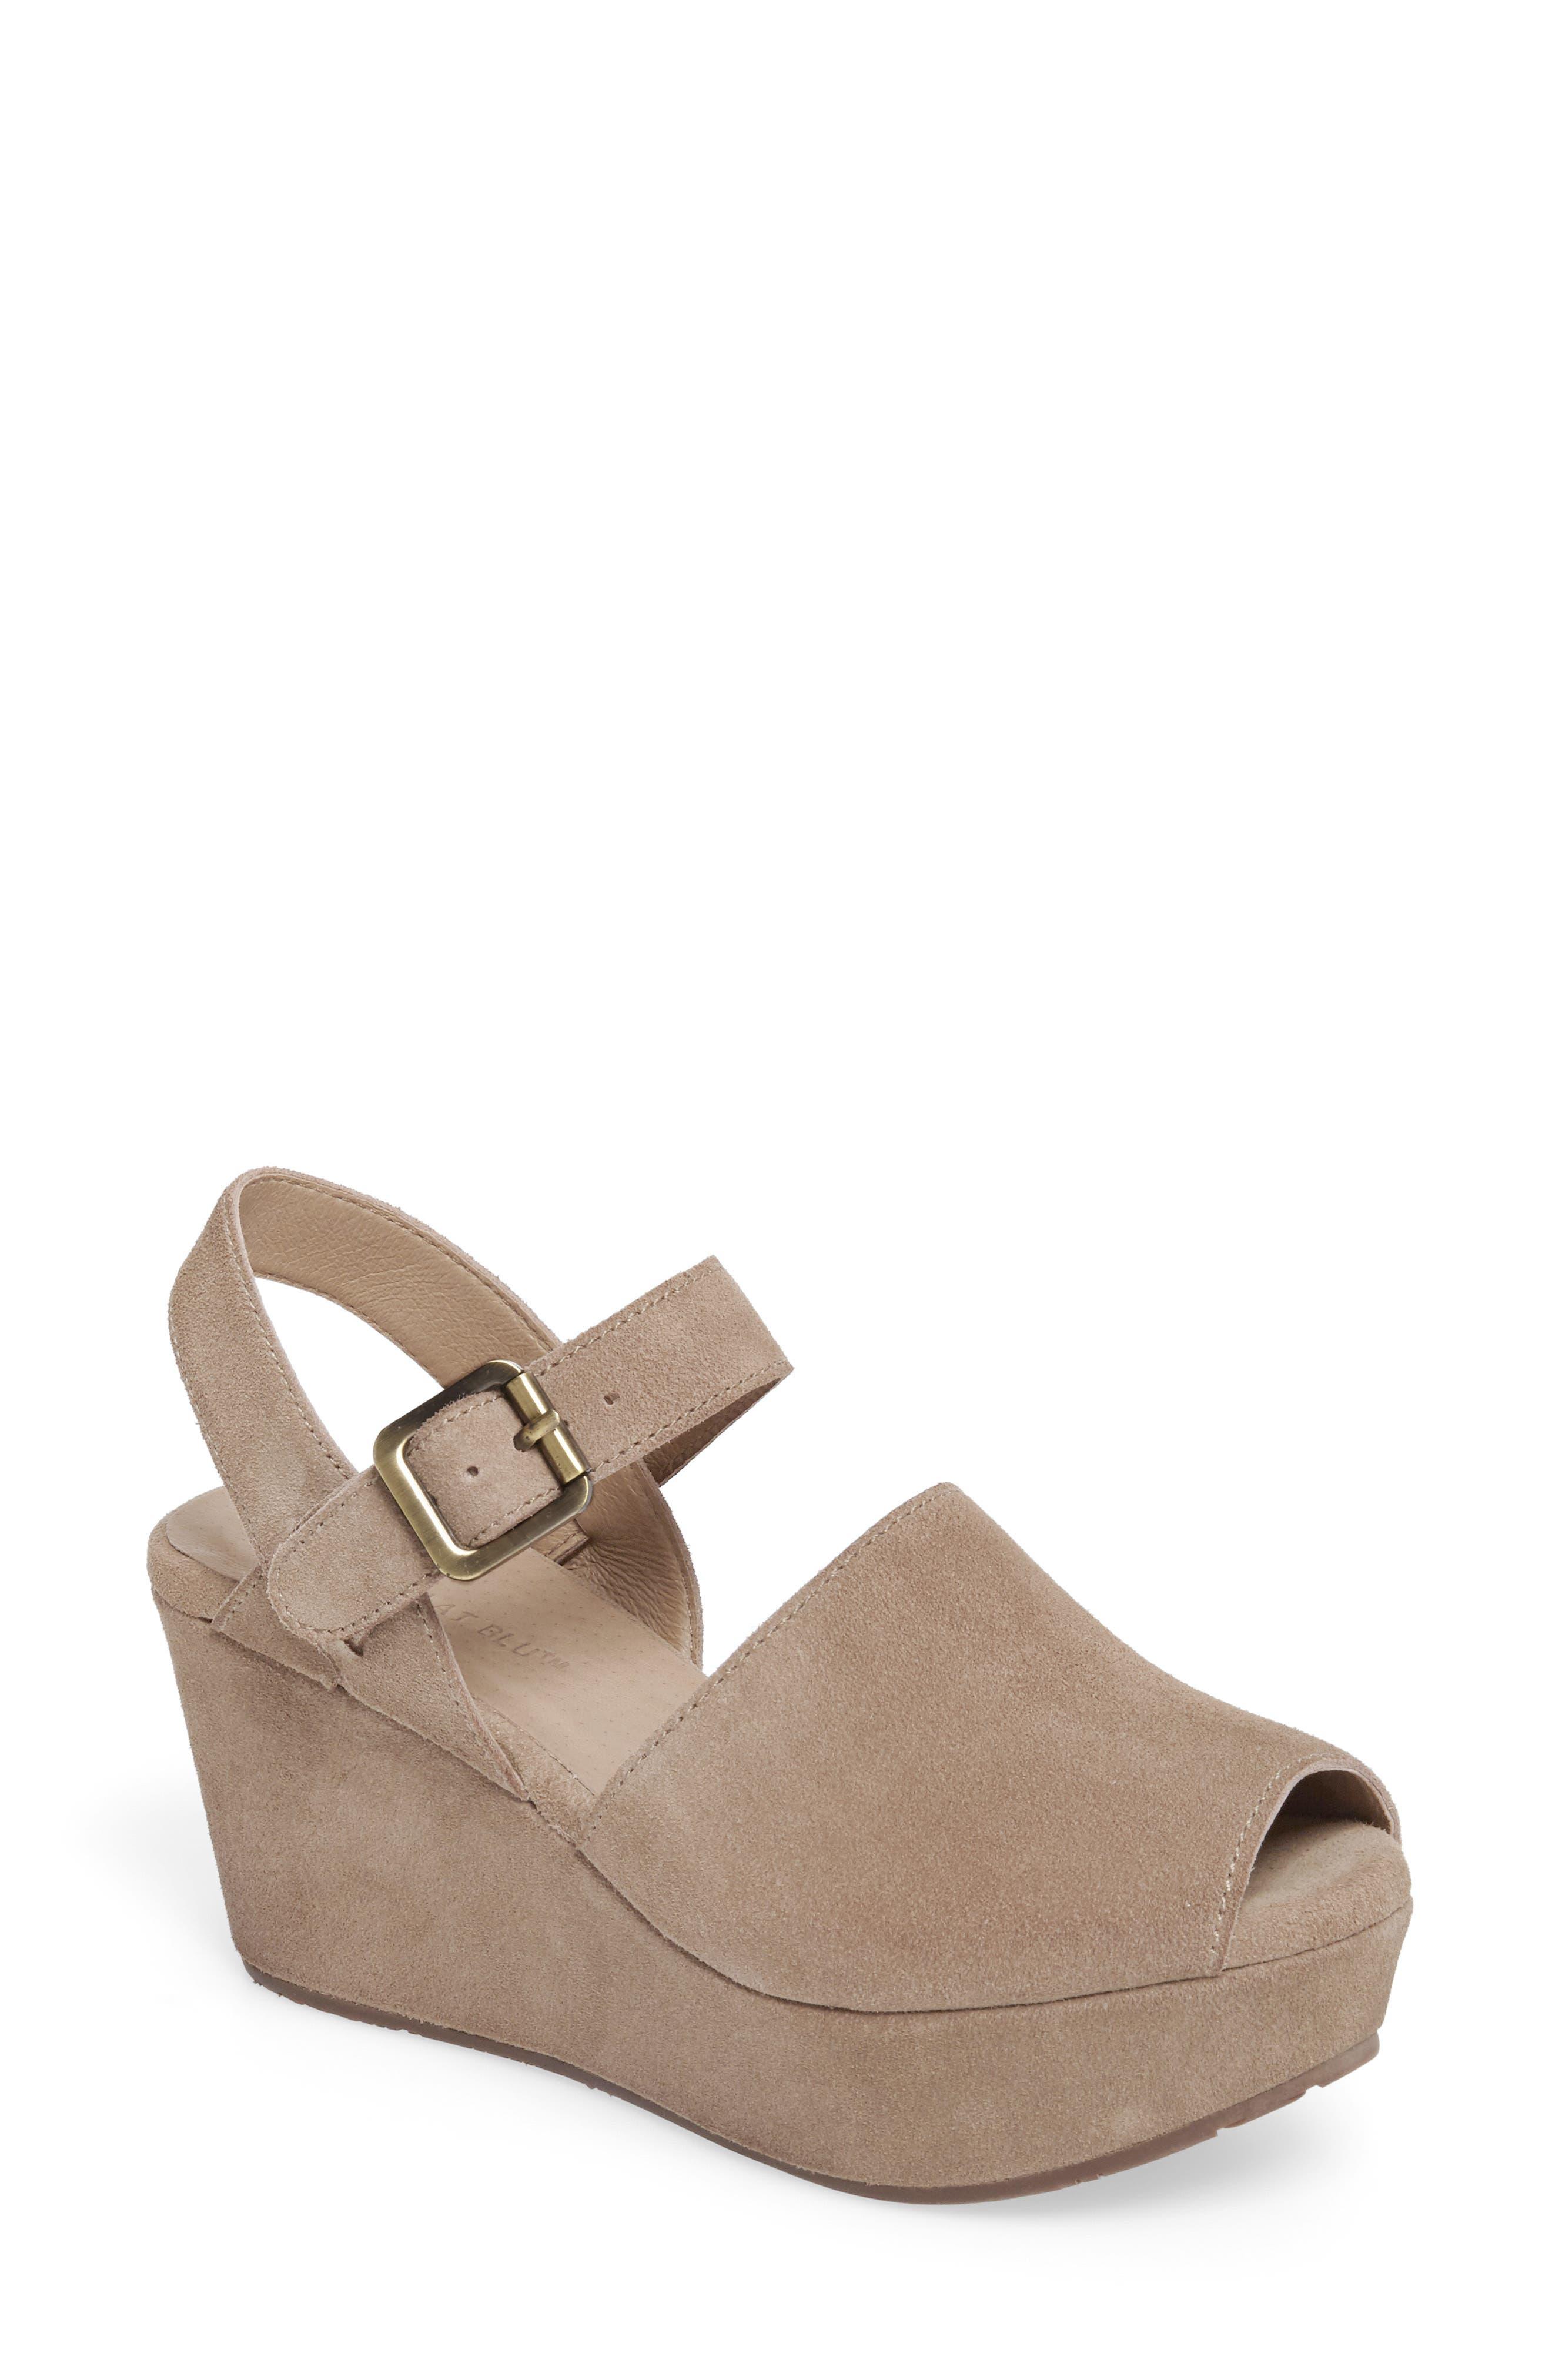 Alternate Image 1 Selected - Chocolat Blu Wagga Platform Wedge Sandal (Women)